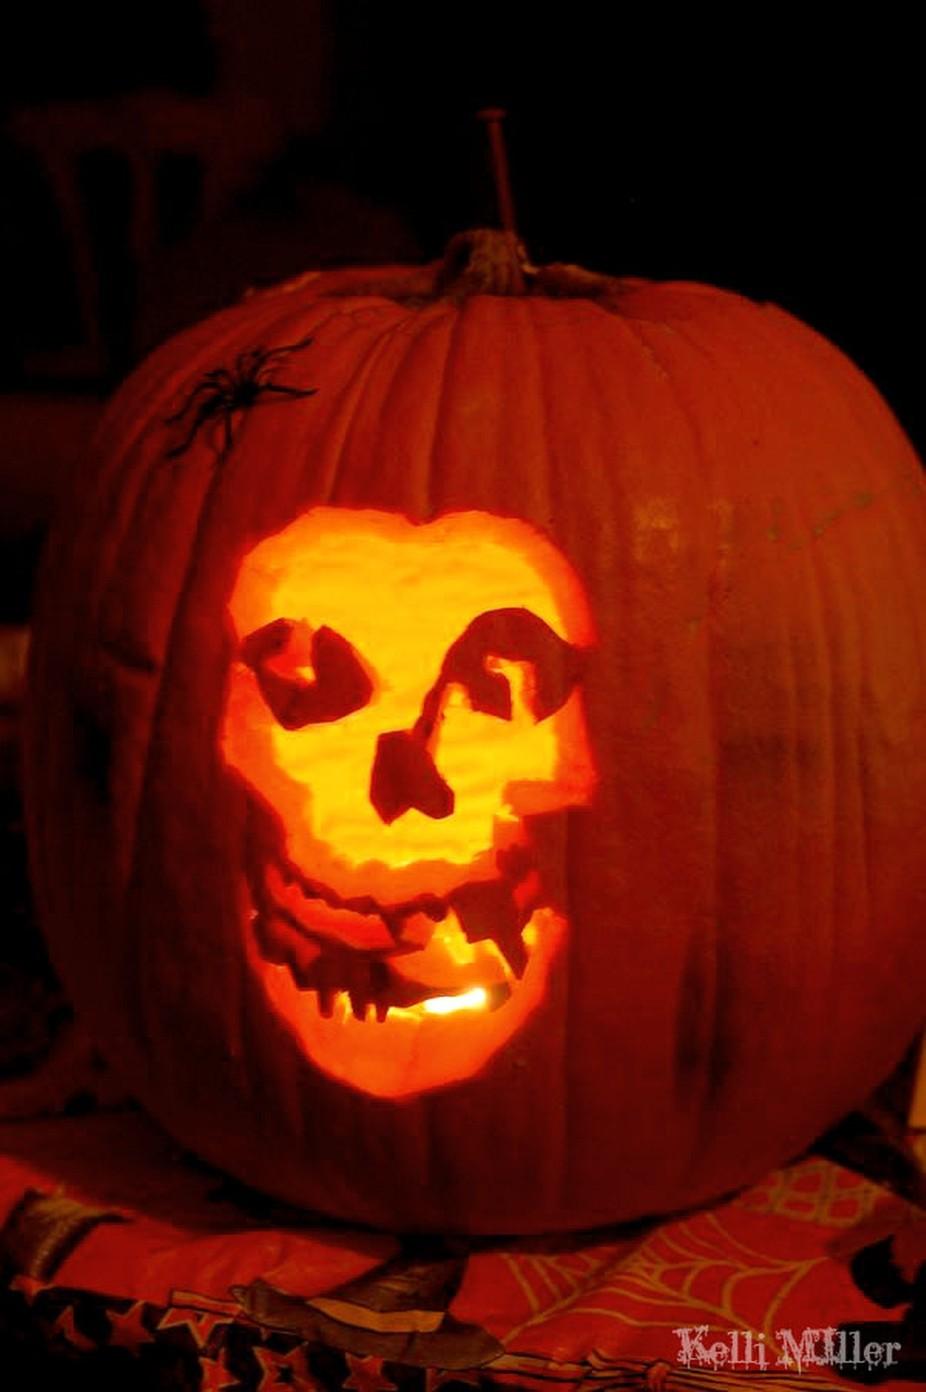 misfits jack o lantern by spontaneouscombustion - ViewBug.com